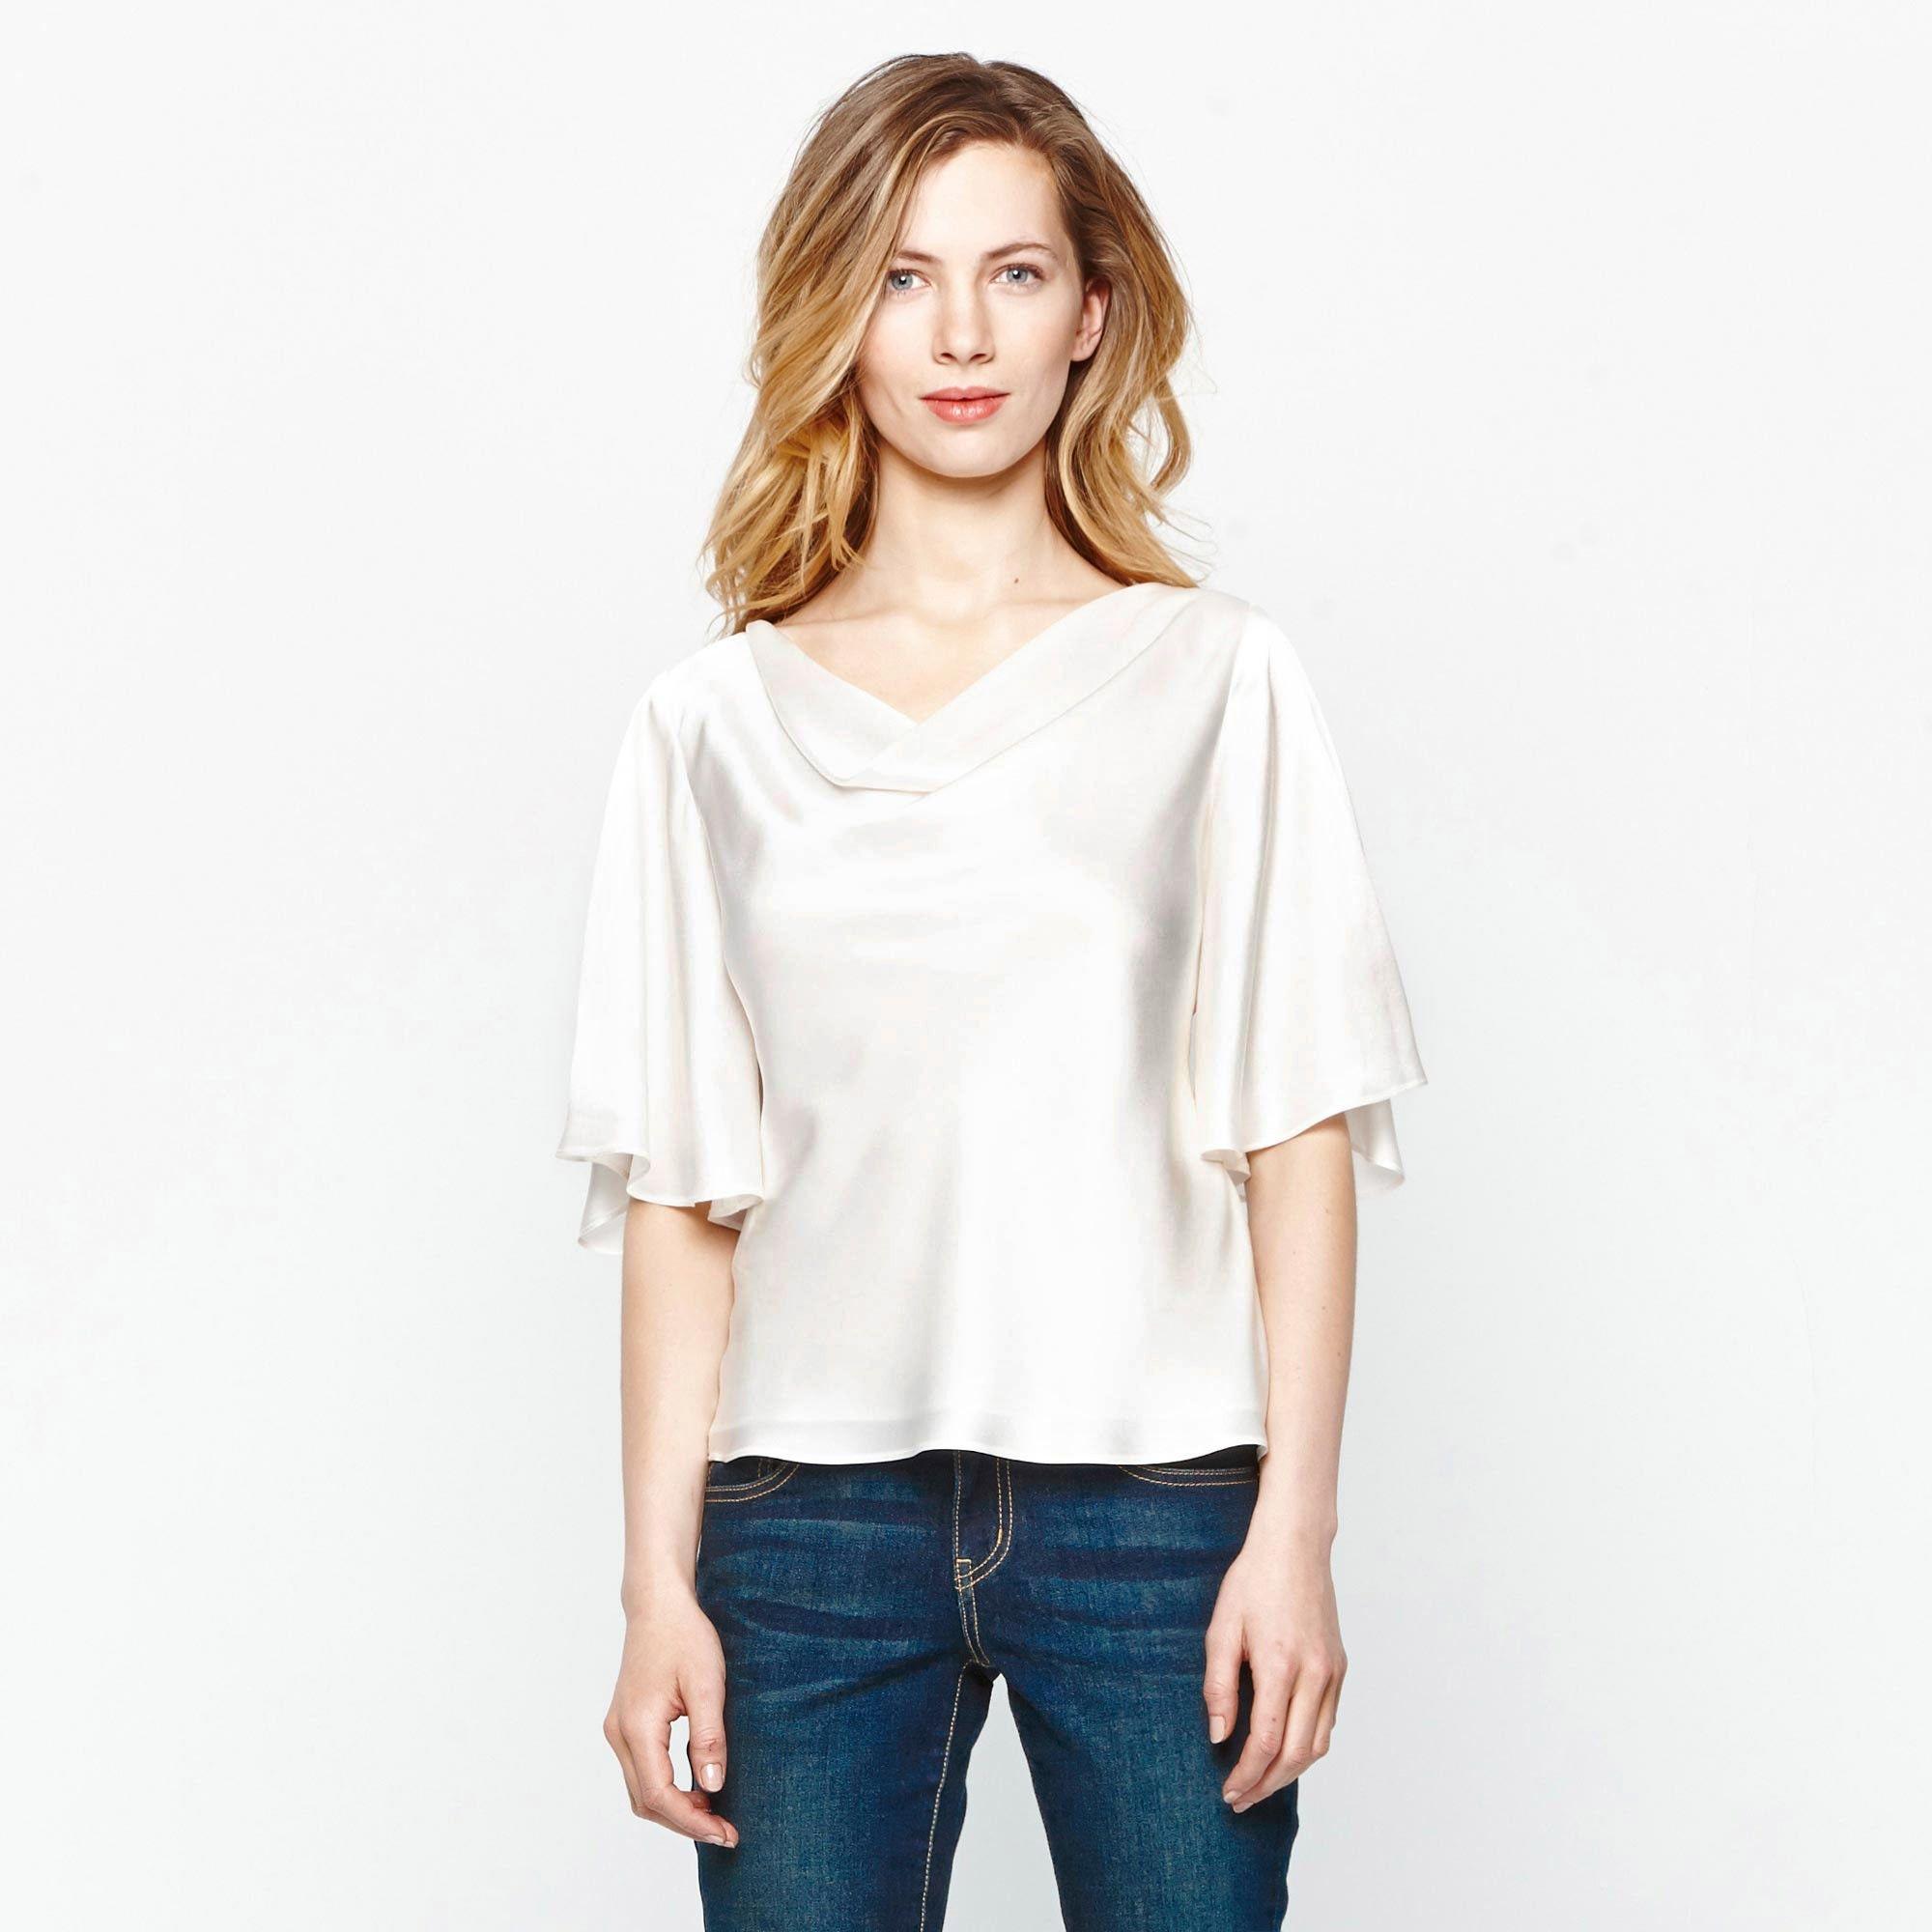 f35ca278bb18 Sencilla blusa de seda, manga tres cuartos y cuello barco con efecto ...